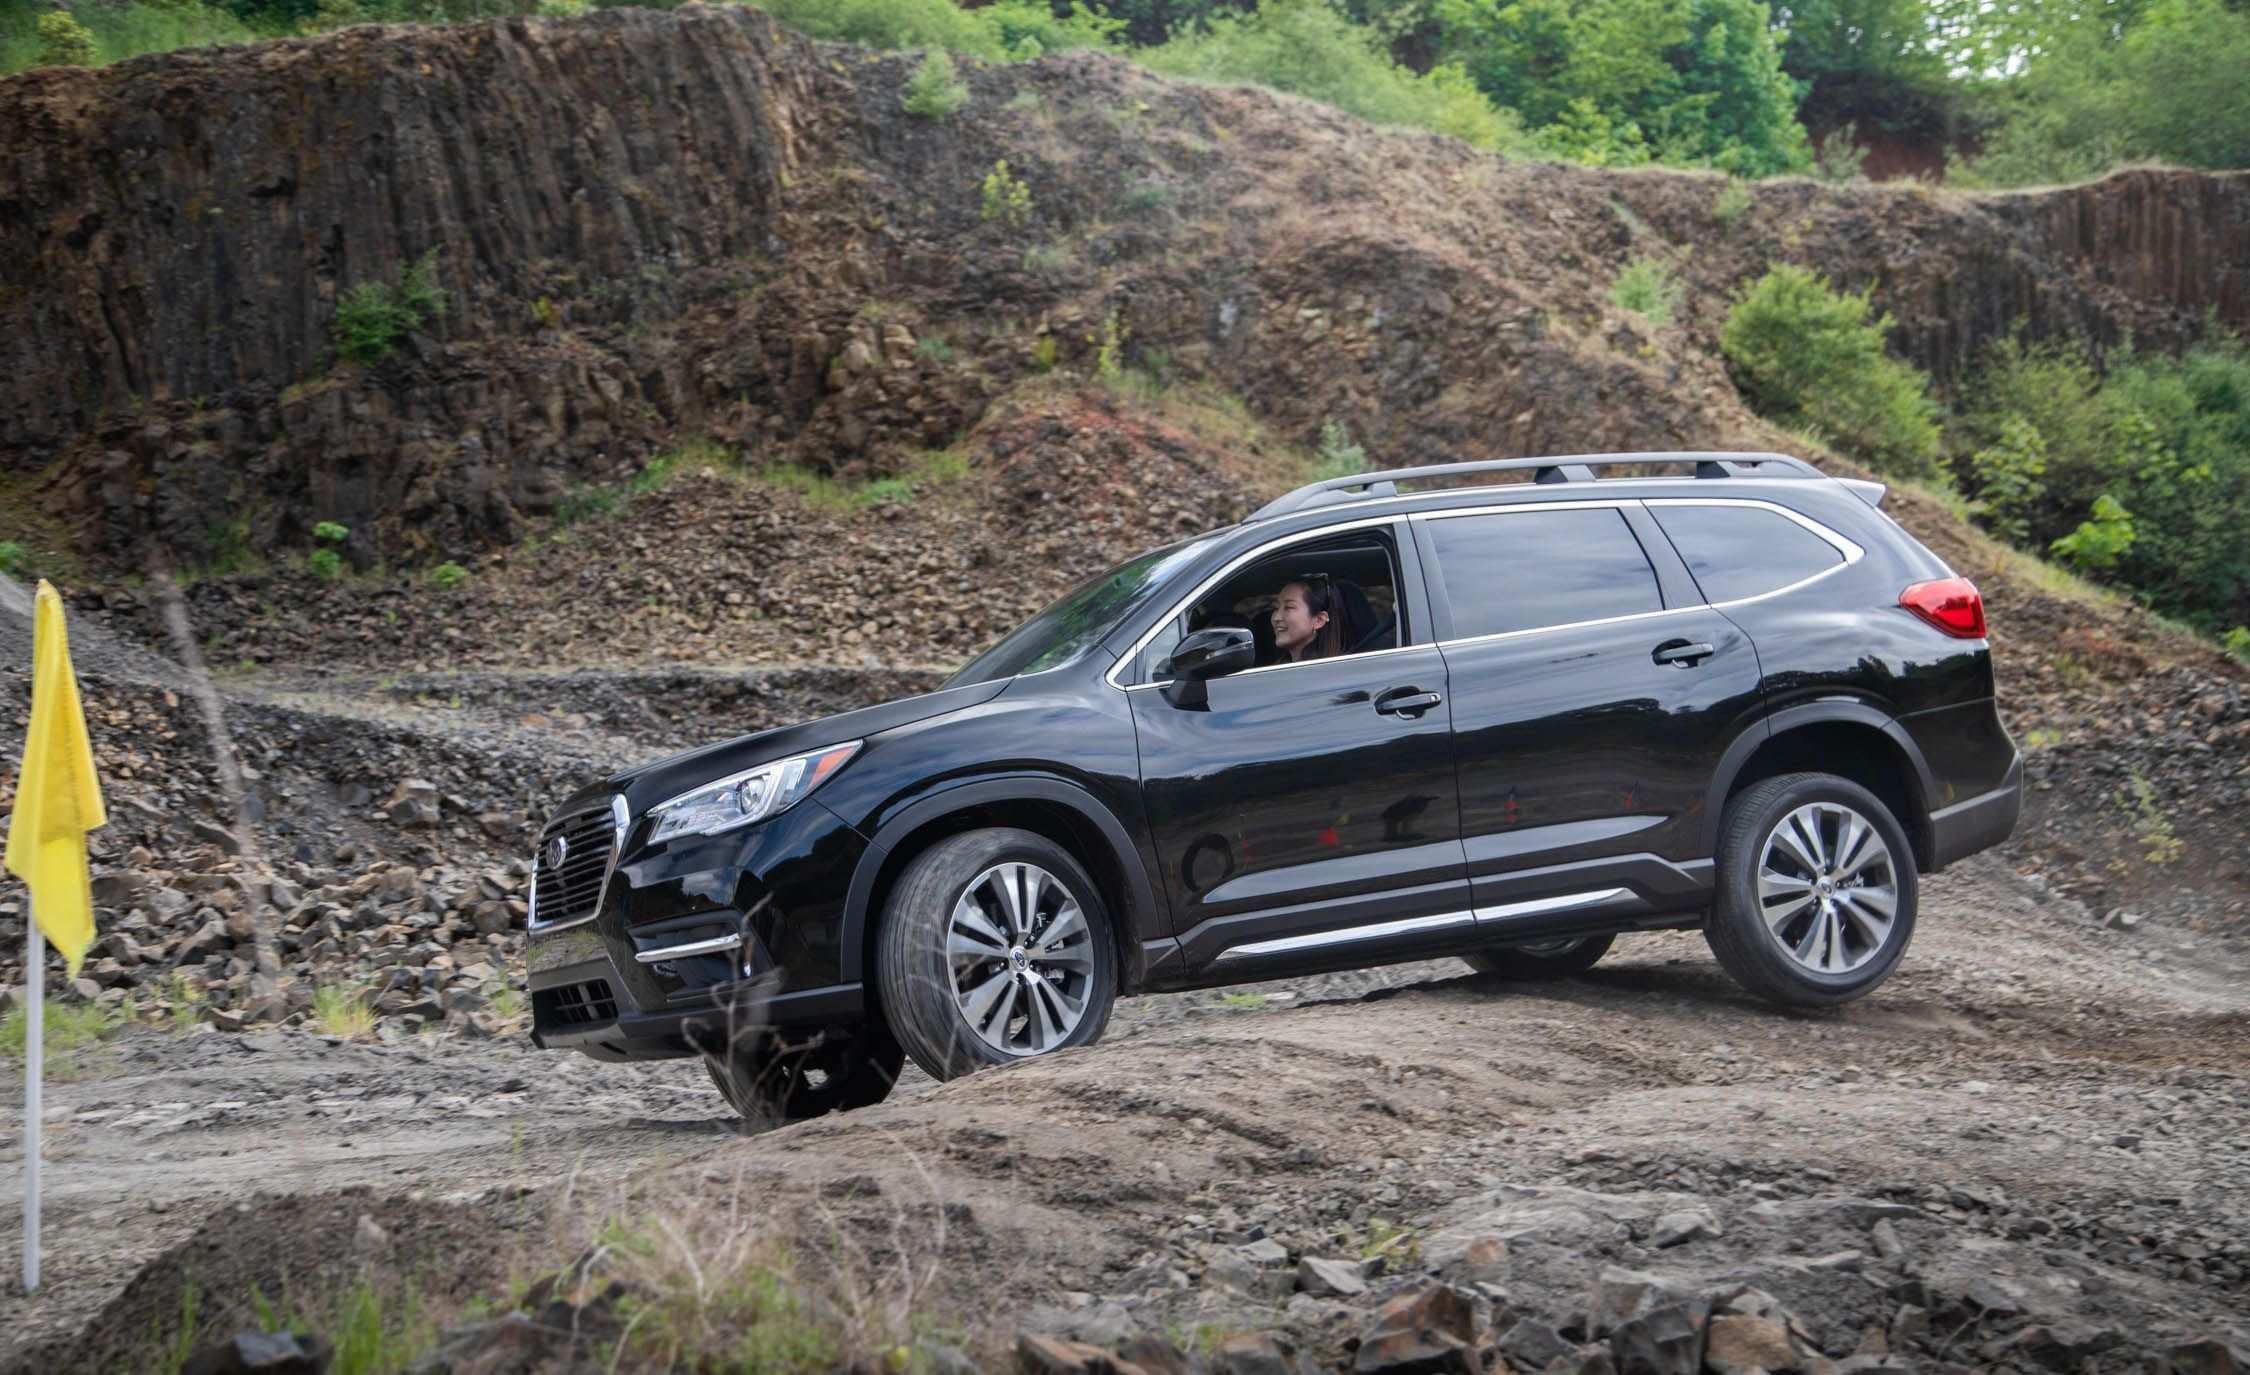 87 Great New Subaru 2019 Ascent Colors Spy Shoot Release by New Subaru 2019 Ascent Colors Spy Shoot